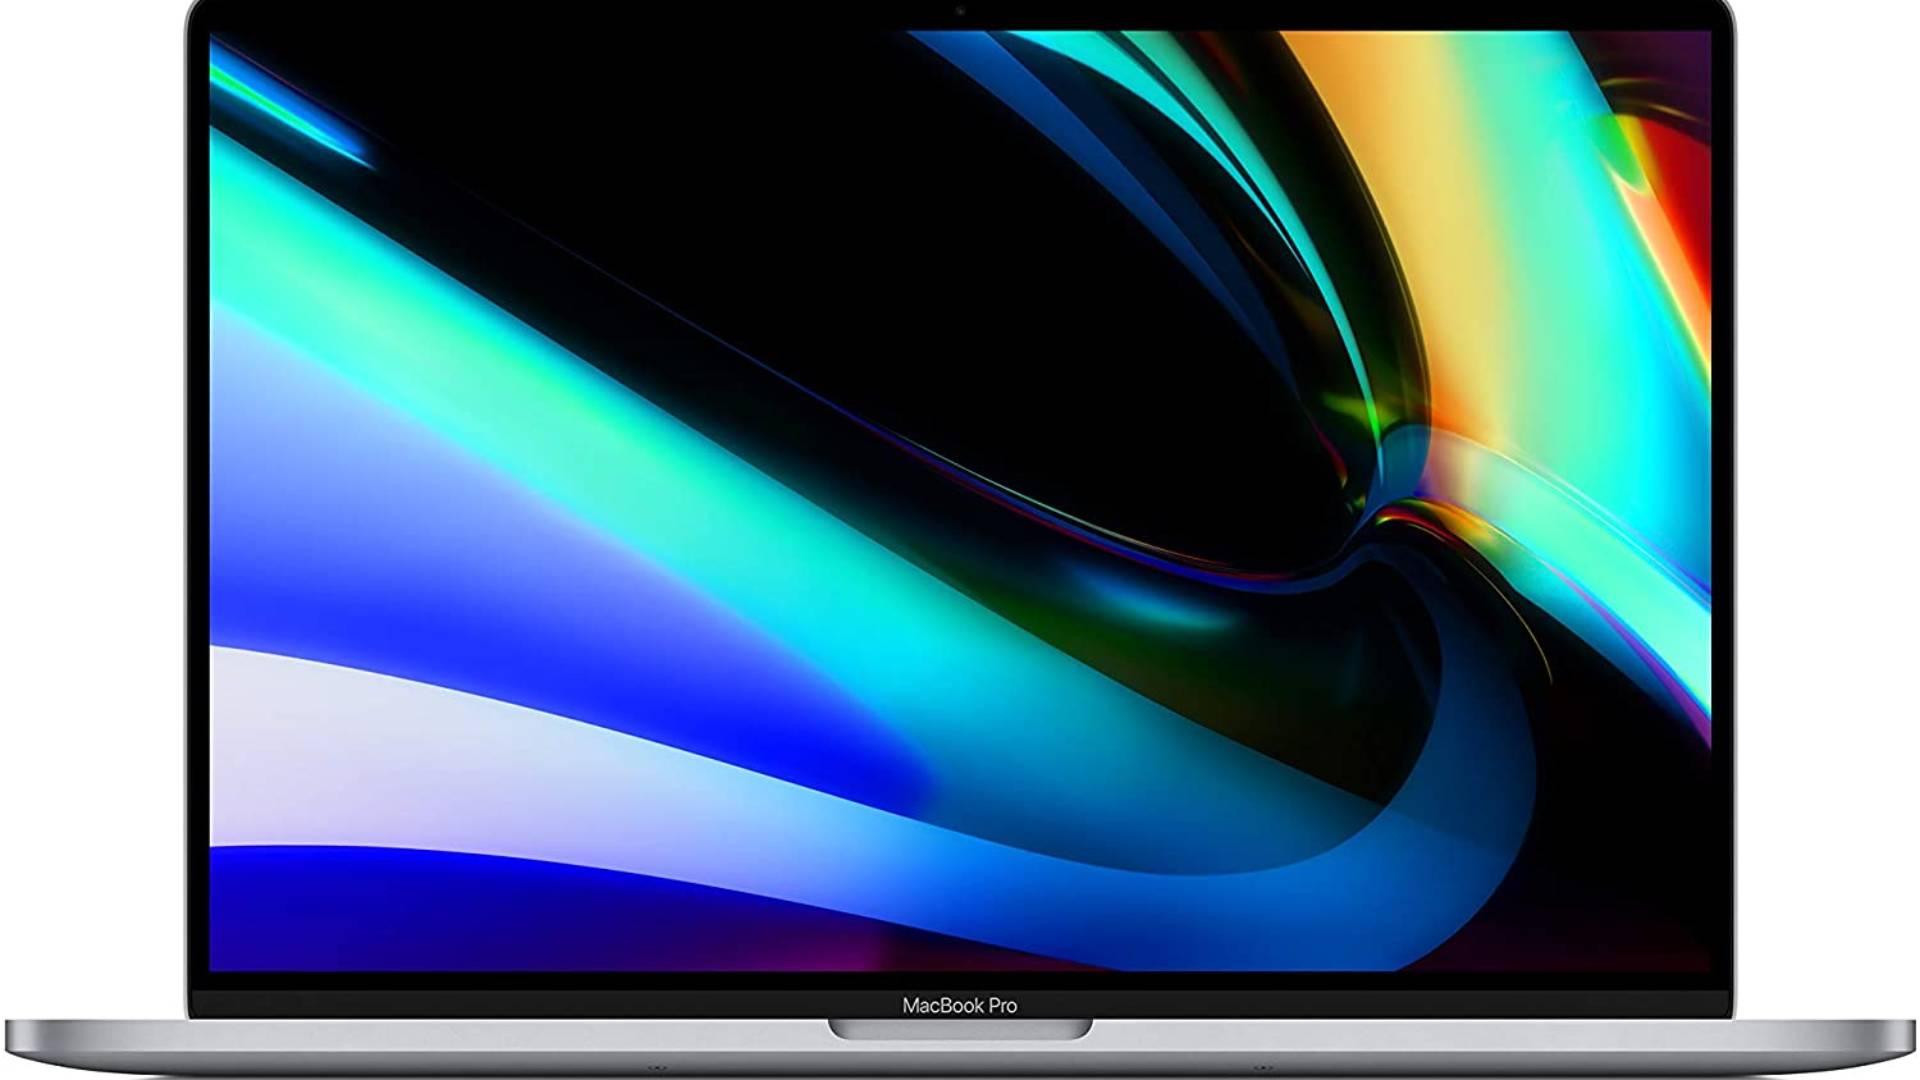 Das beste Apple MacBook Pro 16 Zoll im Test und Vergleich